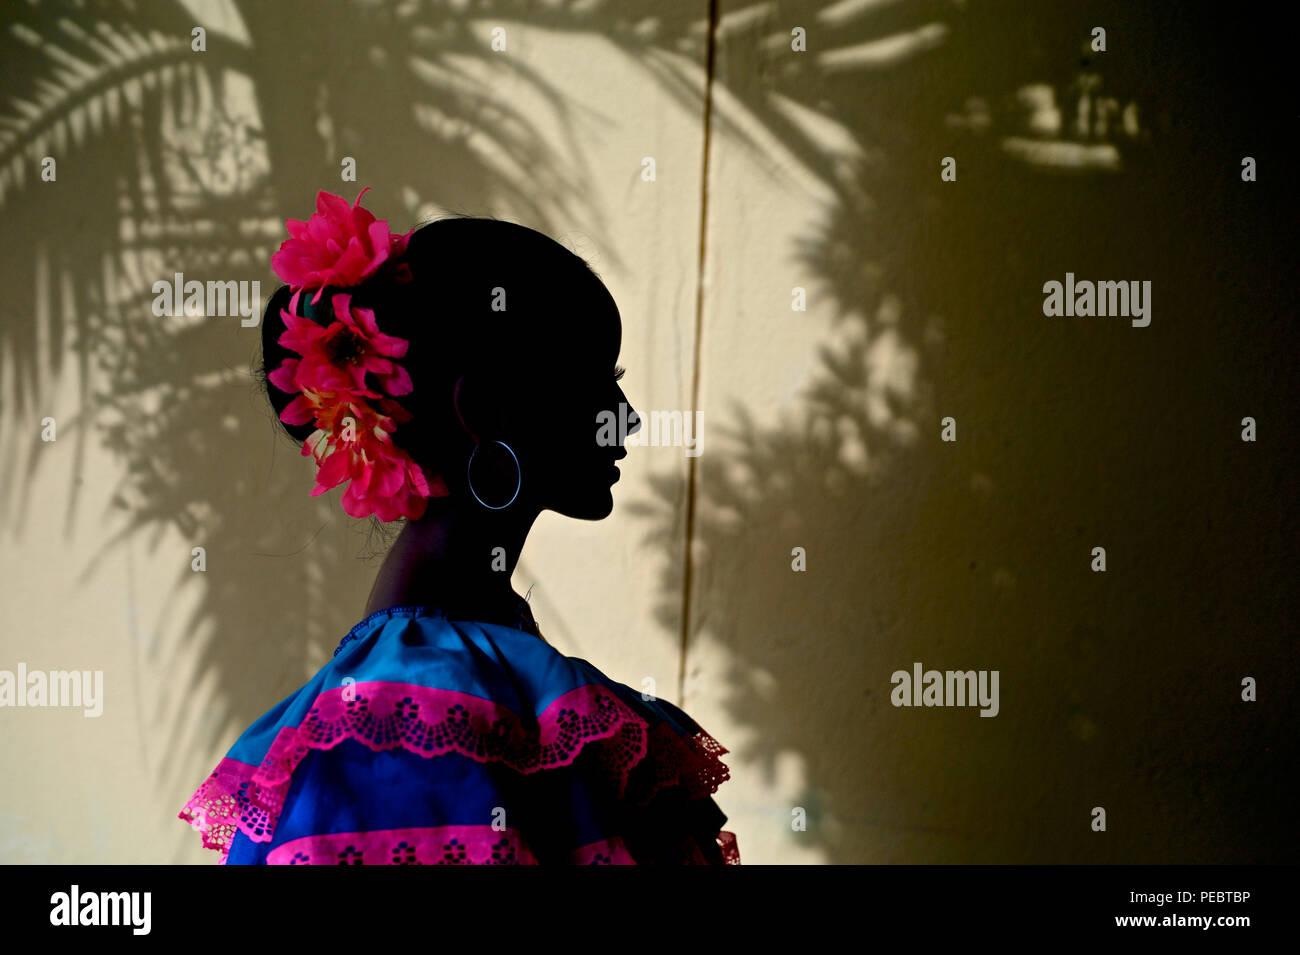 Bailarina de cumbia. La cumbia es un género de música orientada al baile popular en toda América Latina. Comenzó como un baile de cortejo practicado entre la población africana Foto de stock